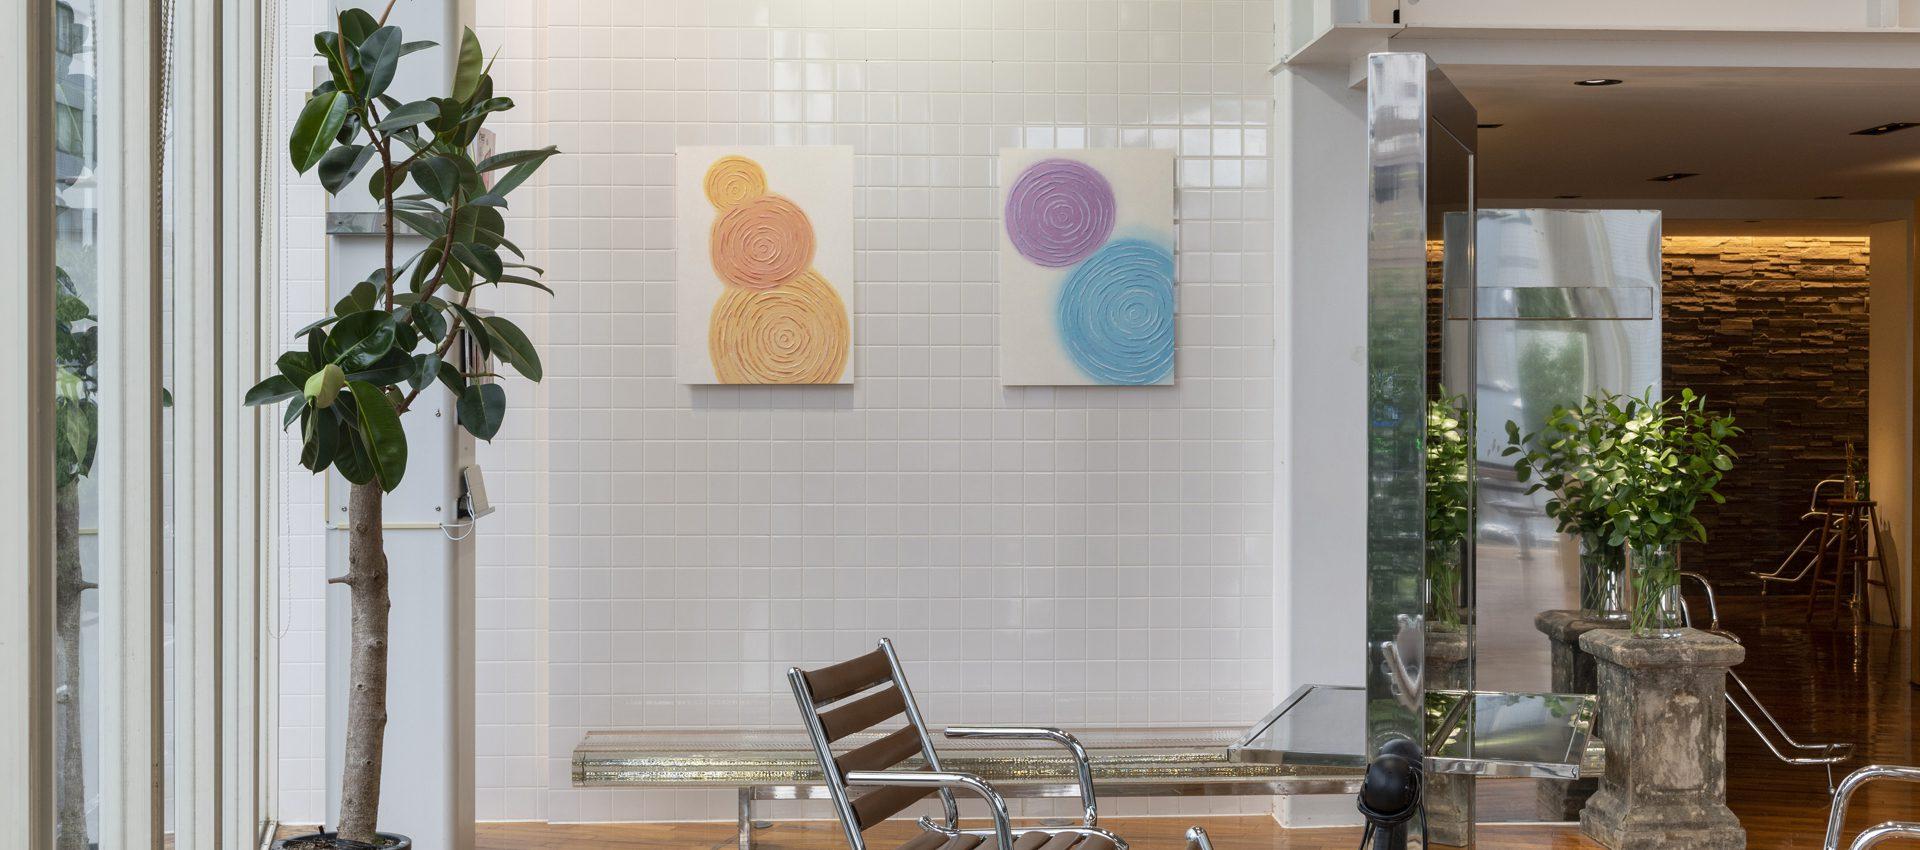 「波紋」和紙インテリアアートパネル(大サイズ画像)ヘアサロン